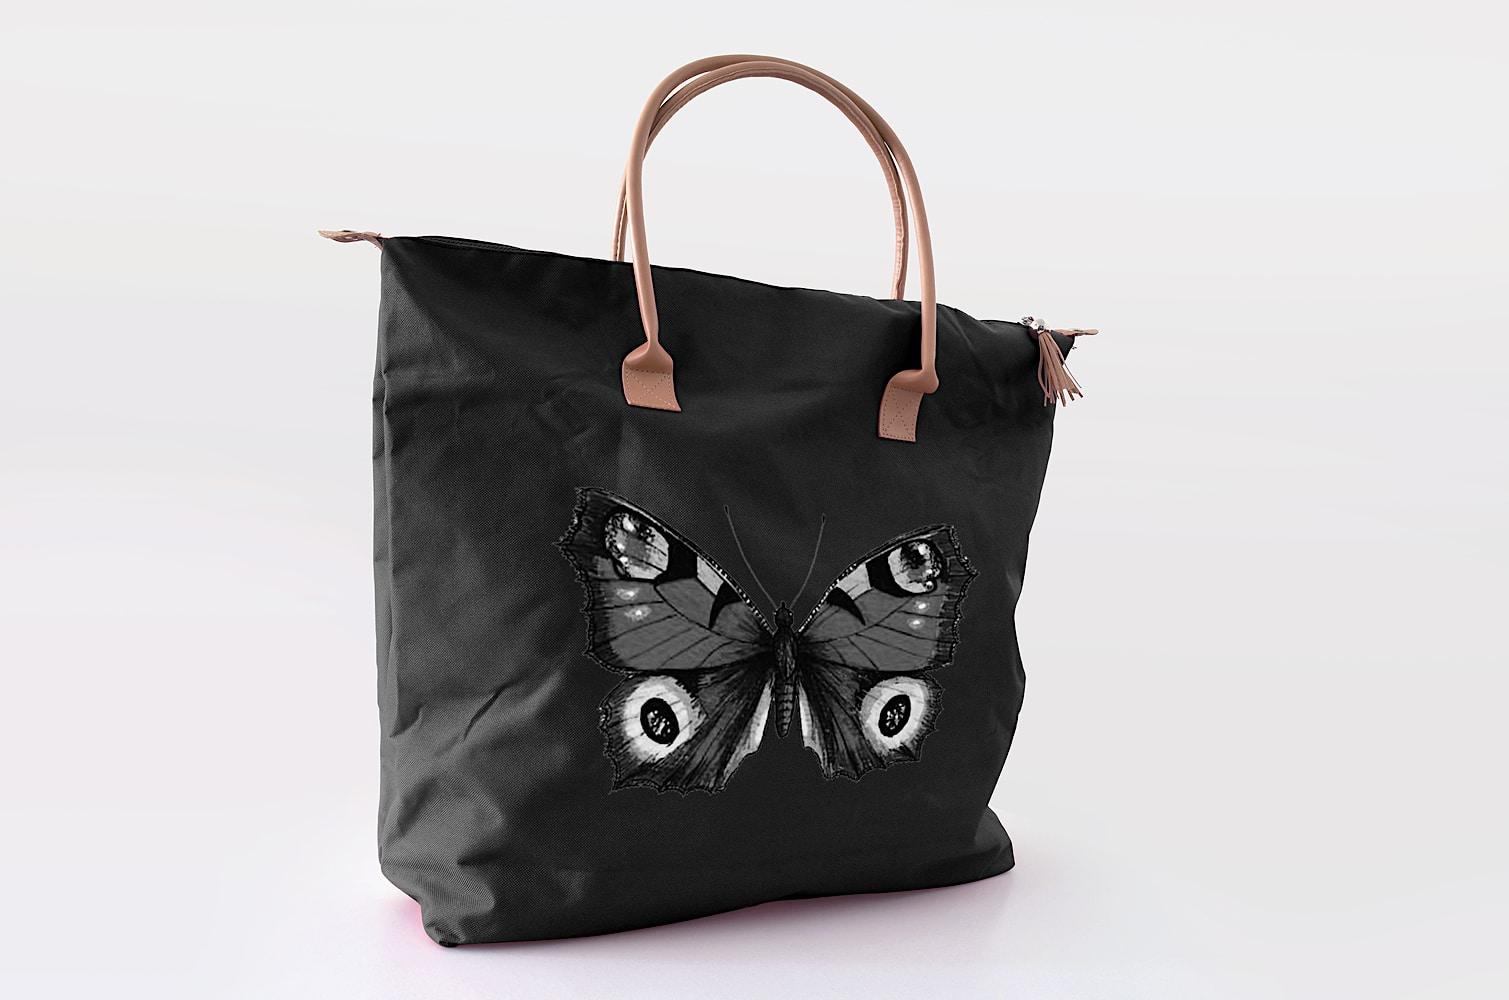 Butterfly Handbag black